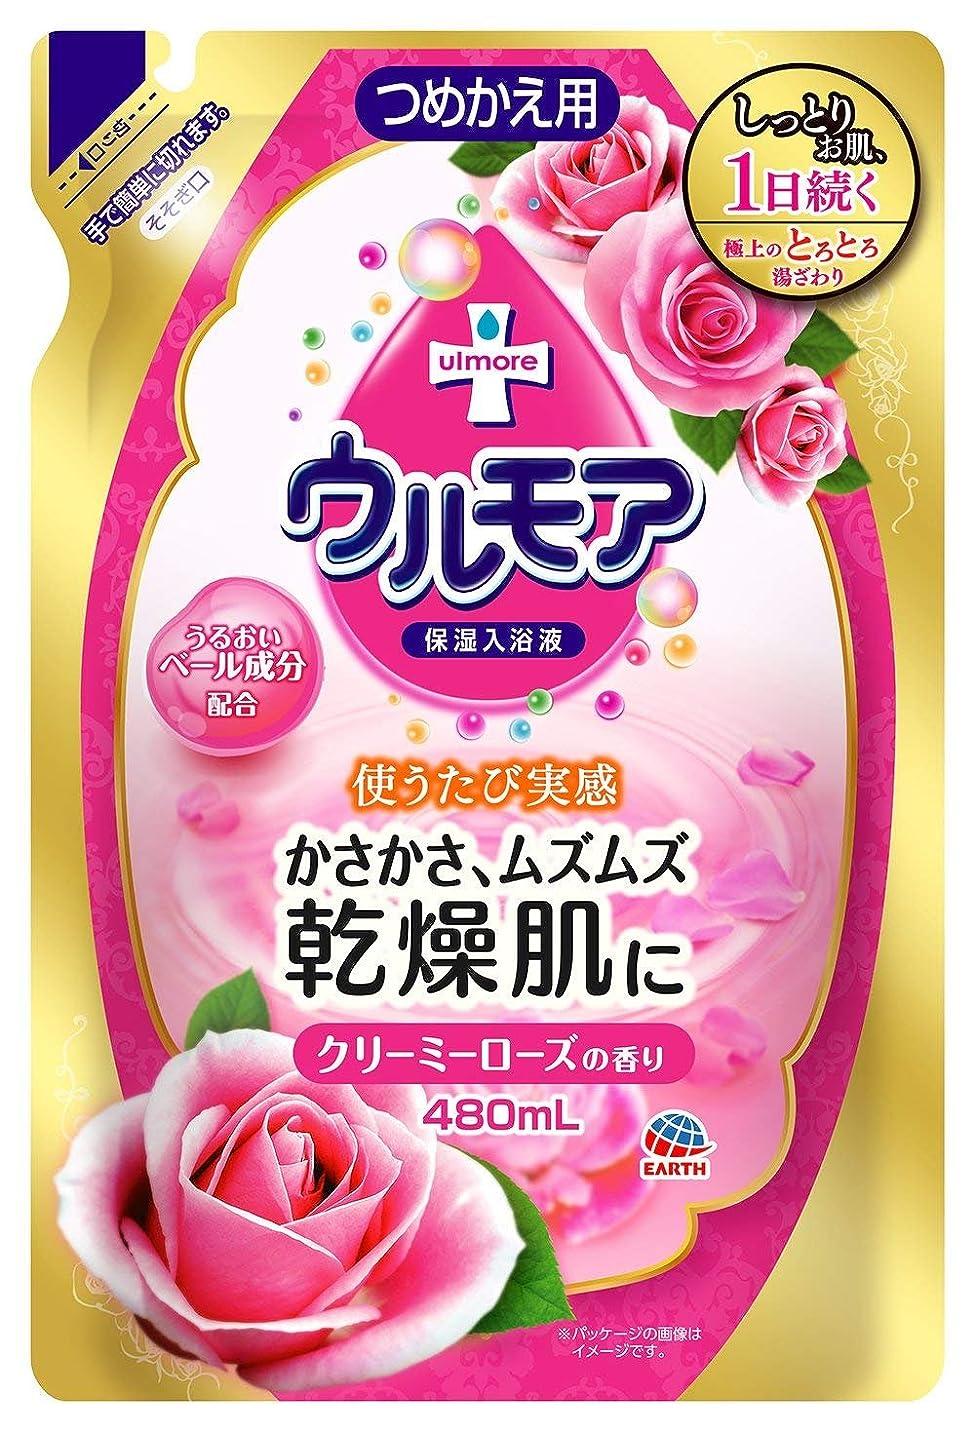 一次怪しい硬さ【アース製薬】保湿入浴液ウルモアクリーミーローズの香り 詰替え用 480ml ×10個セット